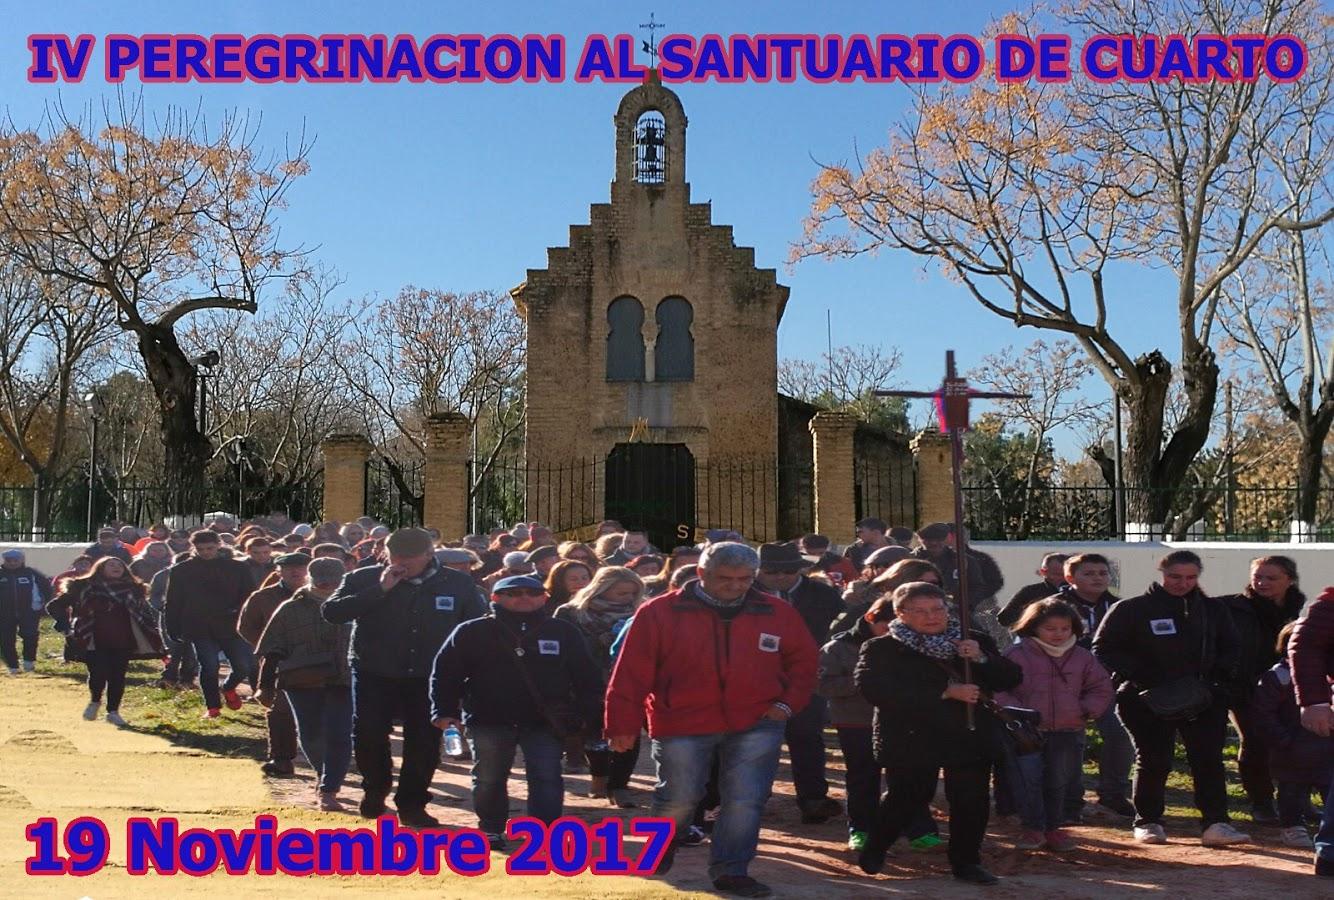 IV PEREGRINACIÓN DE CARRETEROS, GALERISTAS Y CABALLISTAS DE VALME AL REAL SANTUARIO DE CUARTO